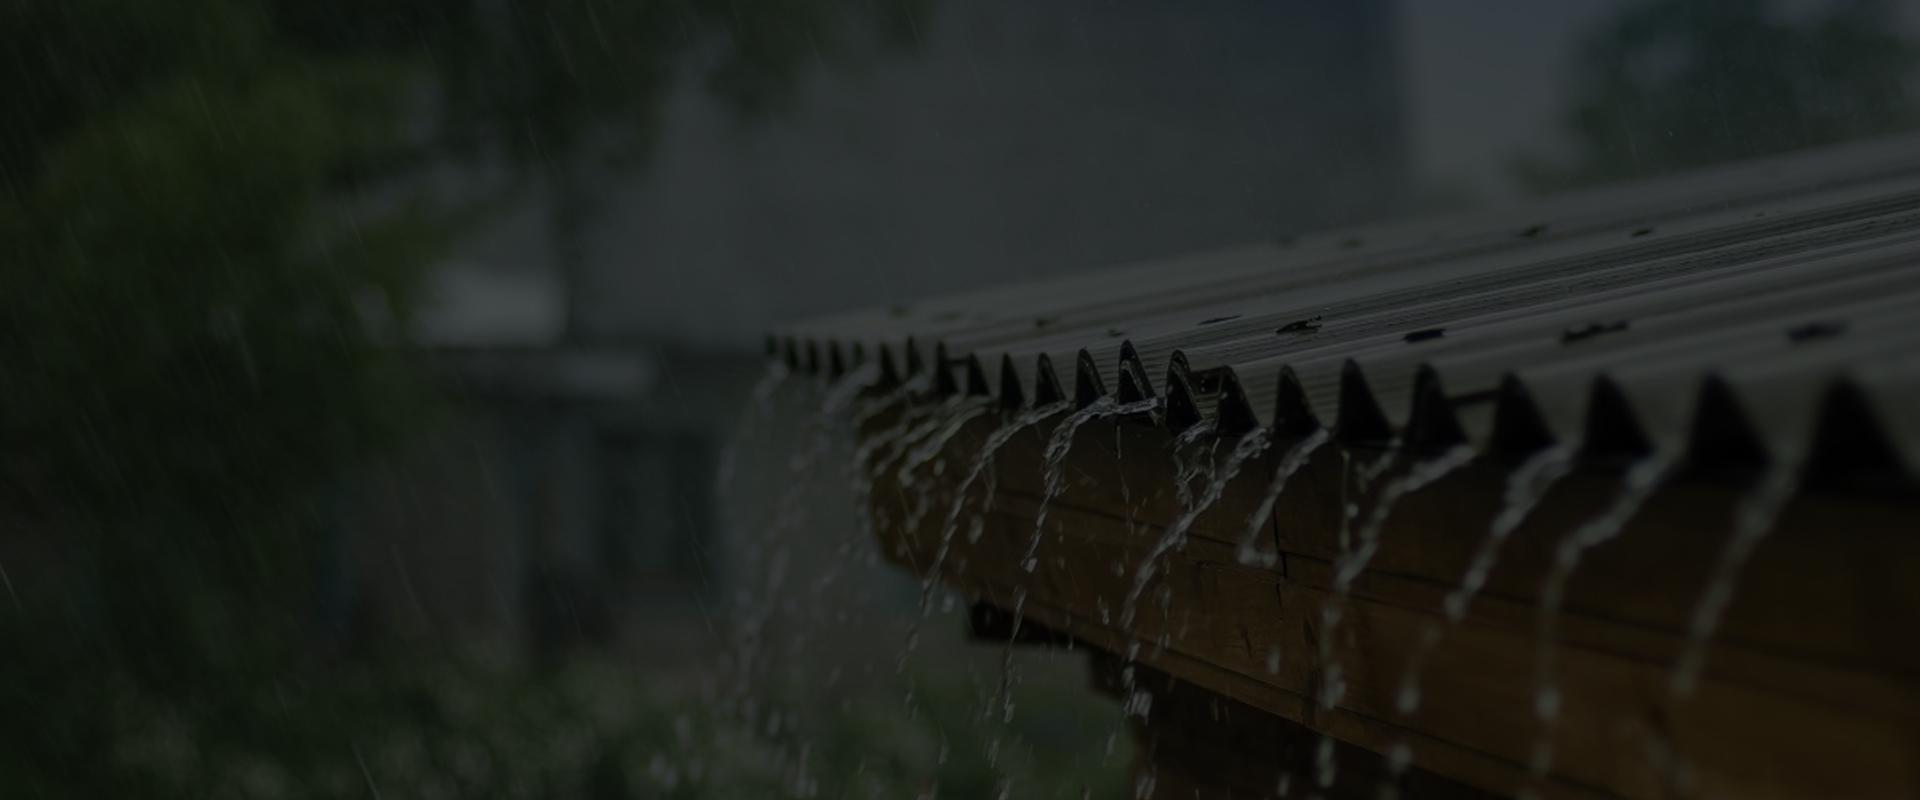 Regenwater<br>shop-online